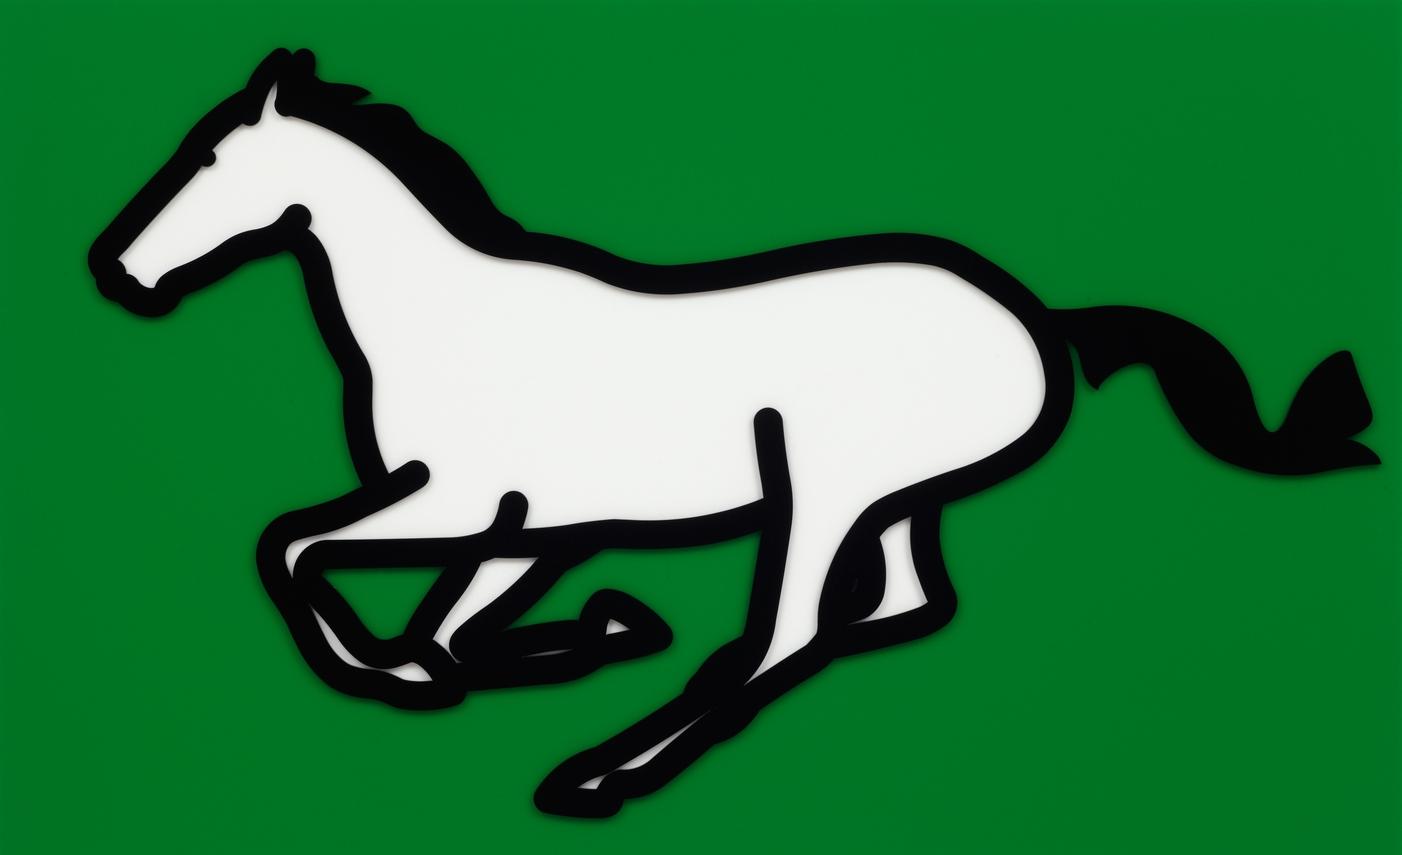 Julian Opie  Galloping Horse 1 •2013 Acrílico Edição: 35 61.4 x 100 cm